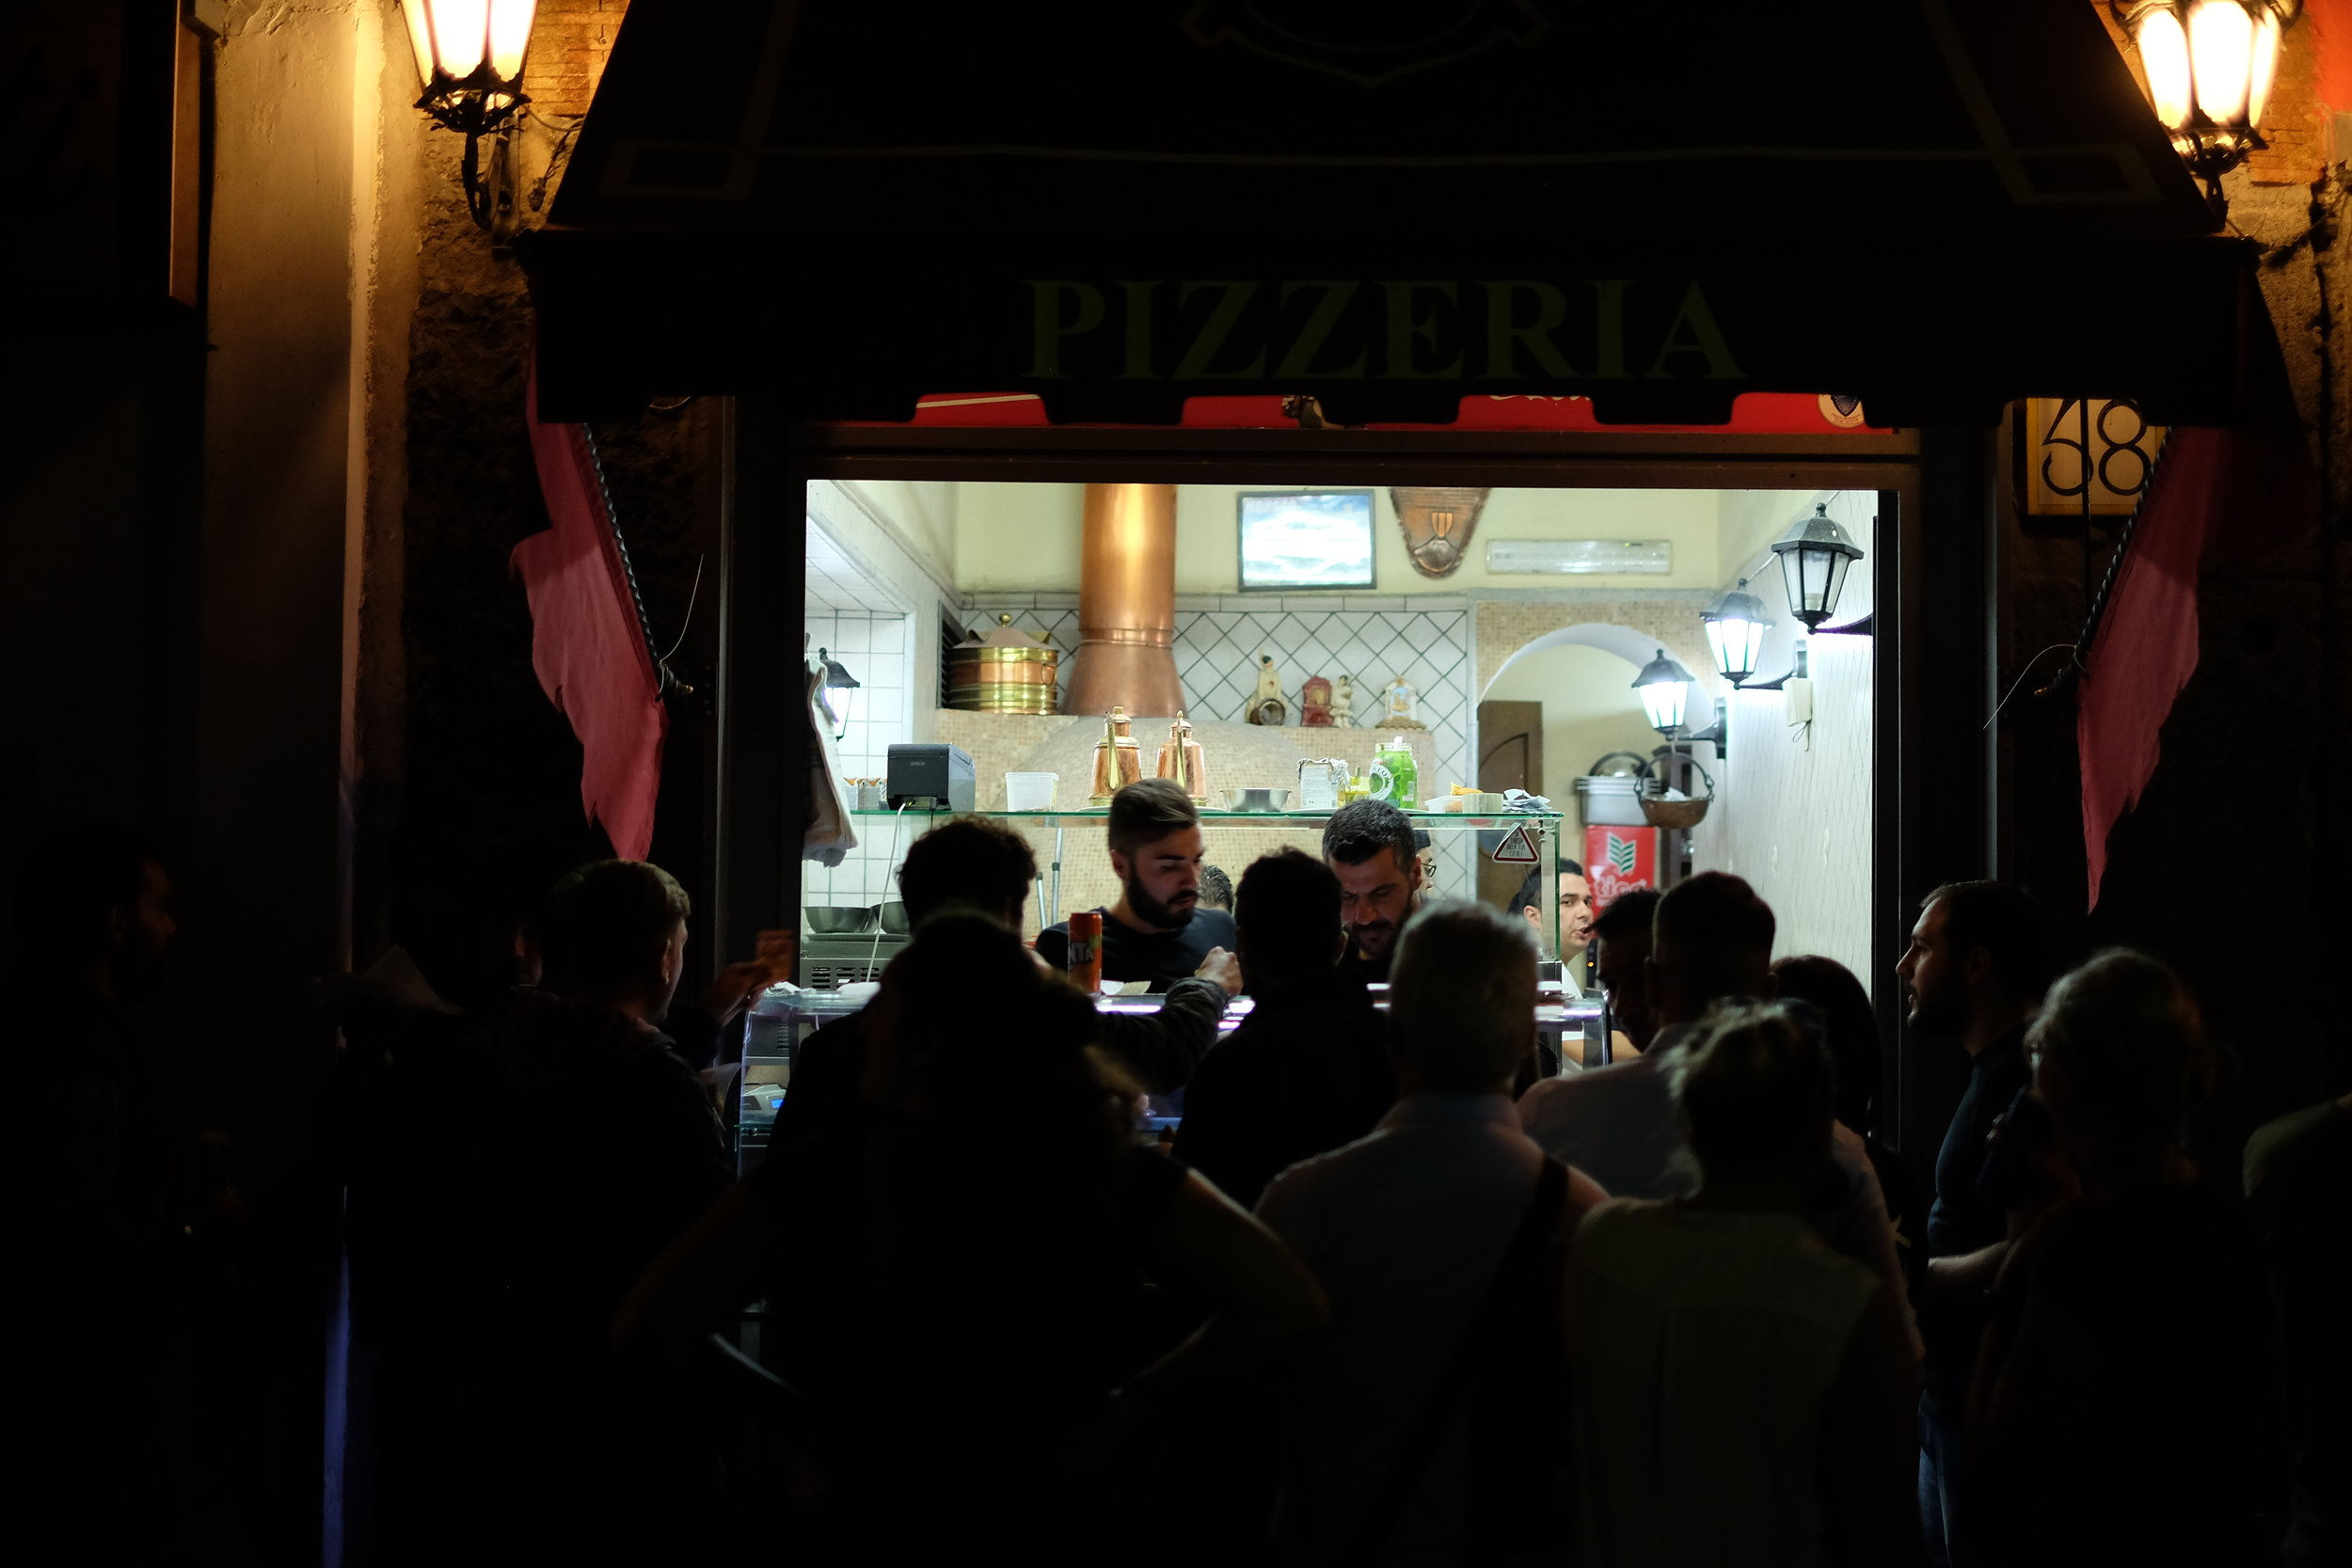 Pizza take away at Pizzeria I Decumani, Via dei Tribunali, 58, 80138 Napoli